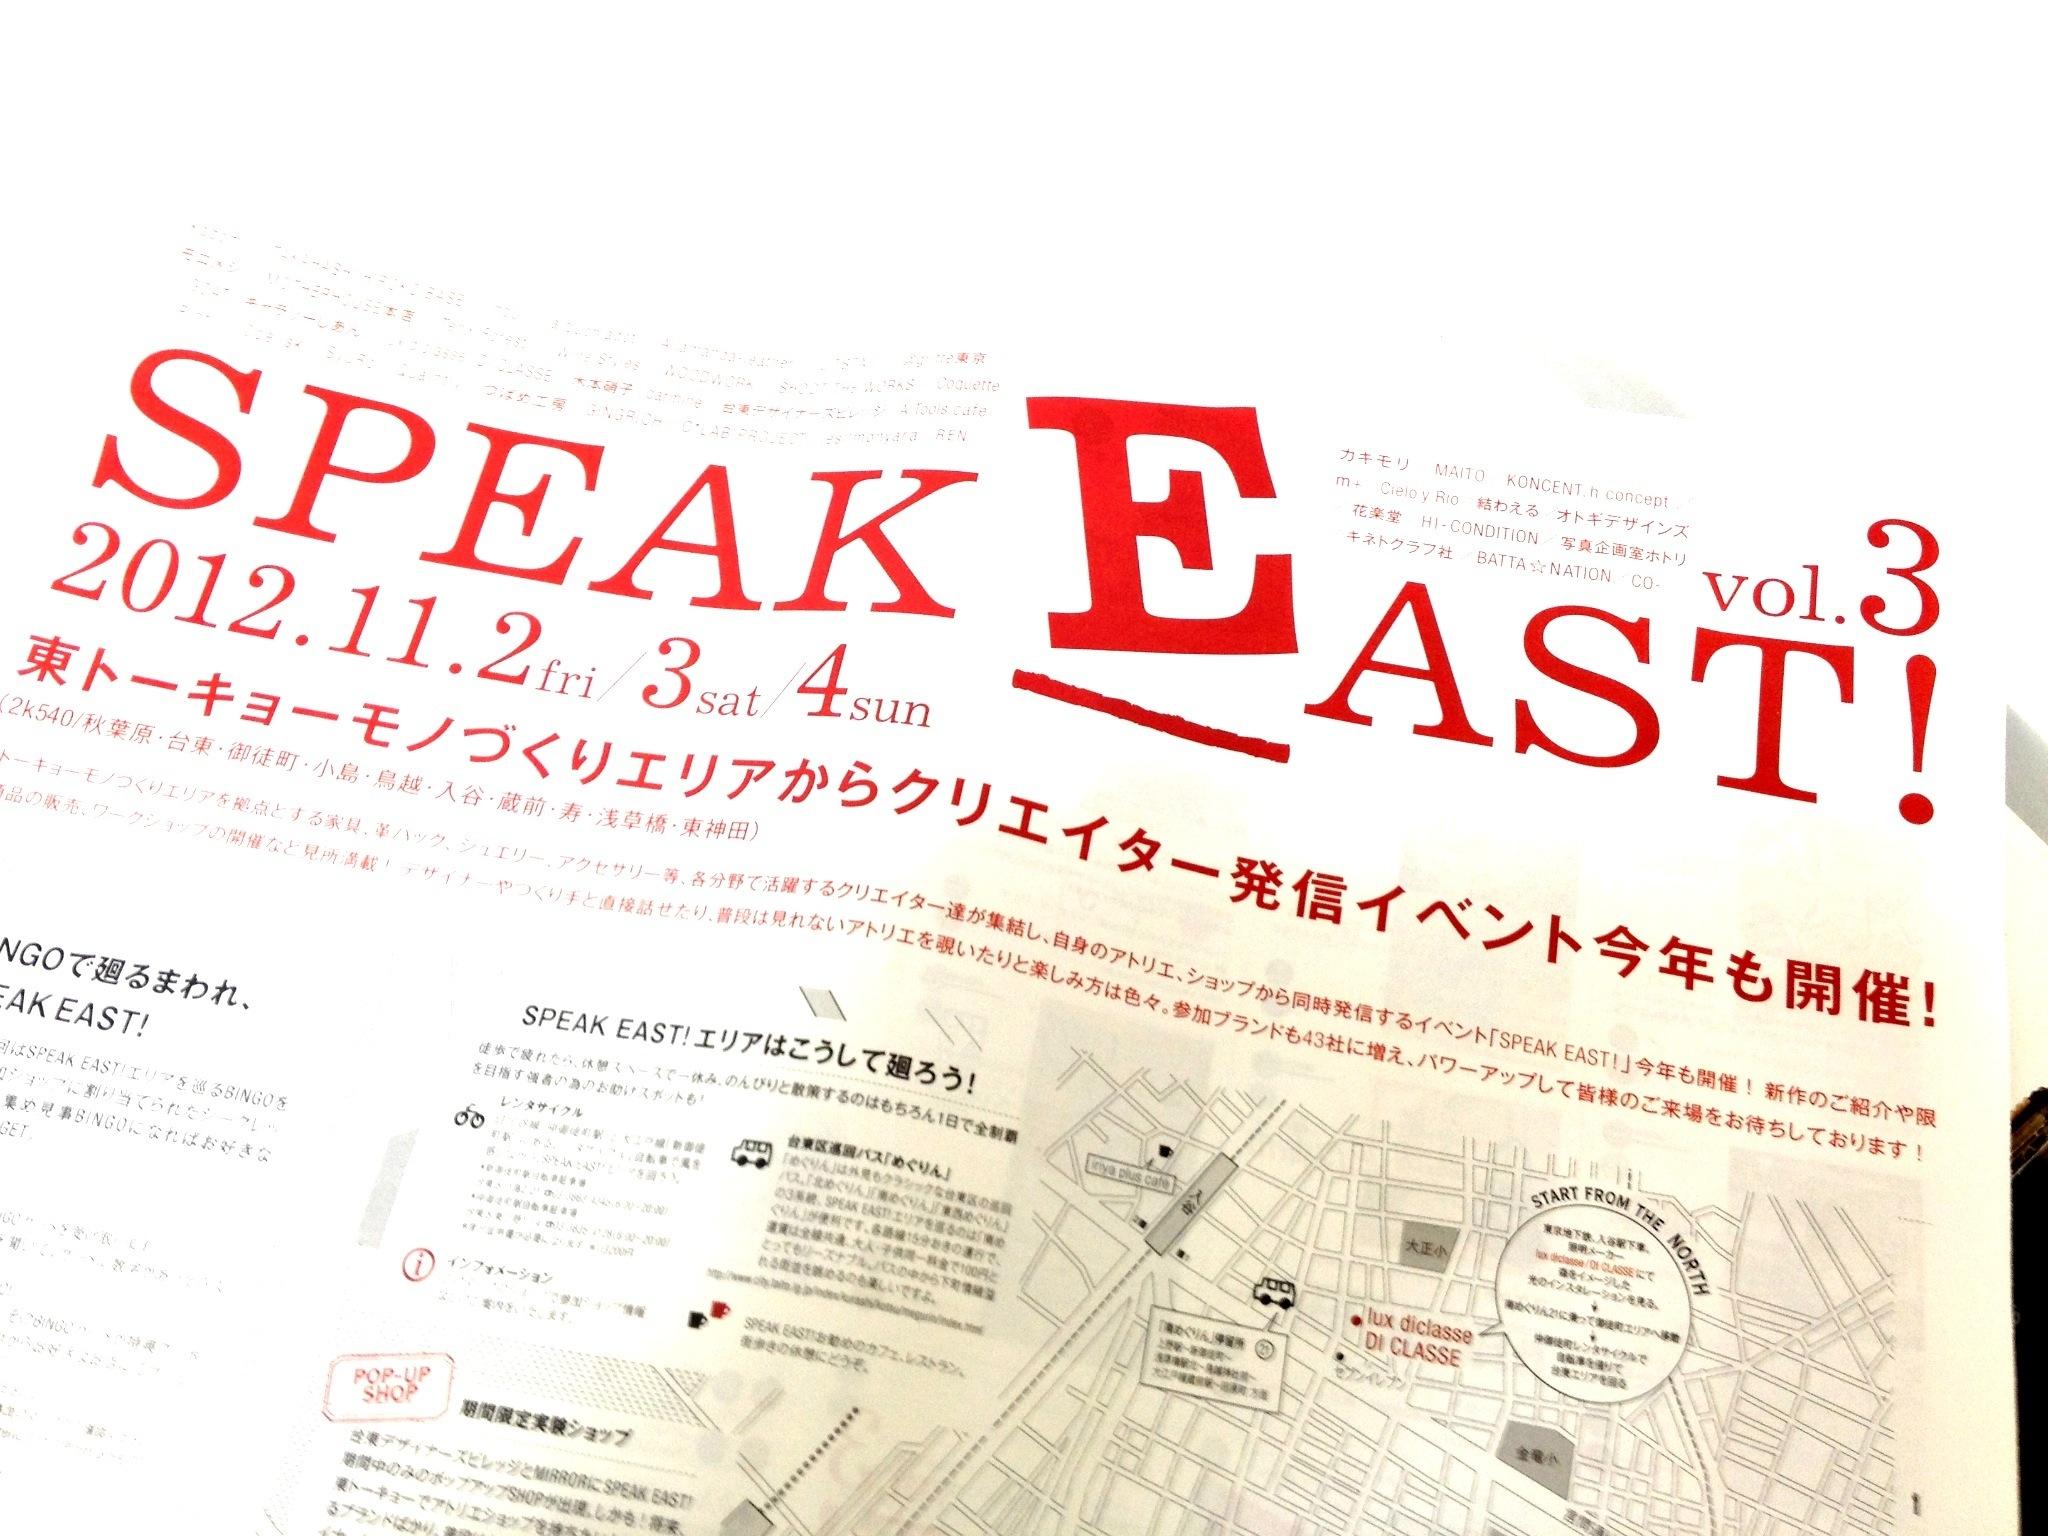 明日から『SPEAK EAST!』